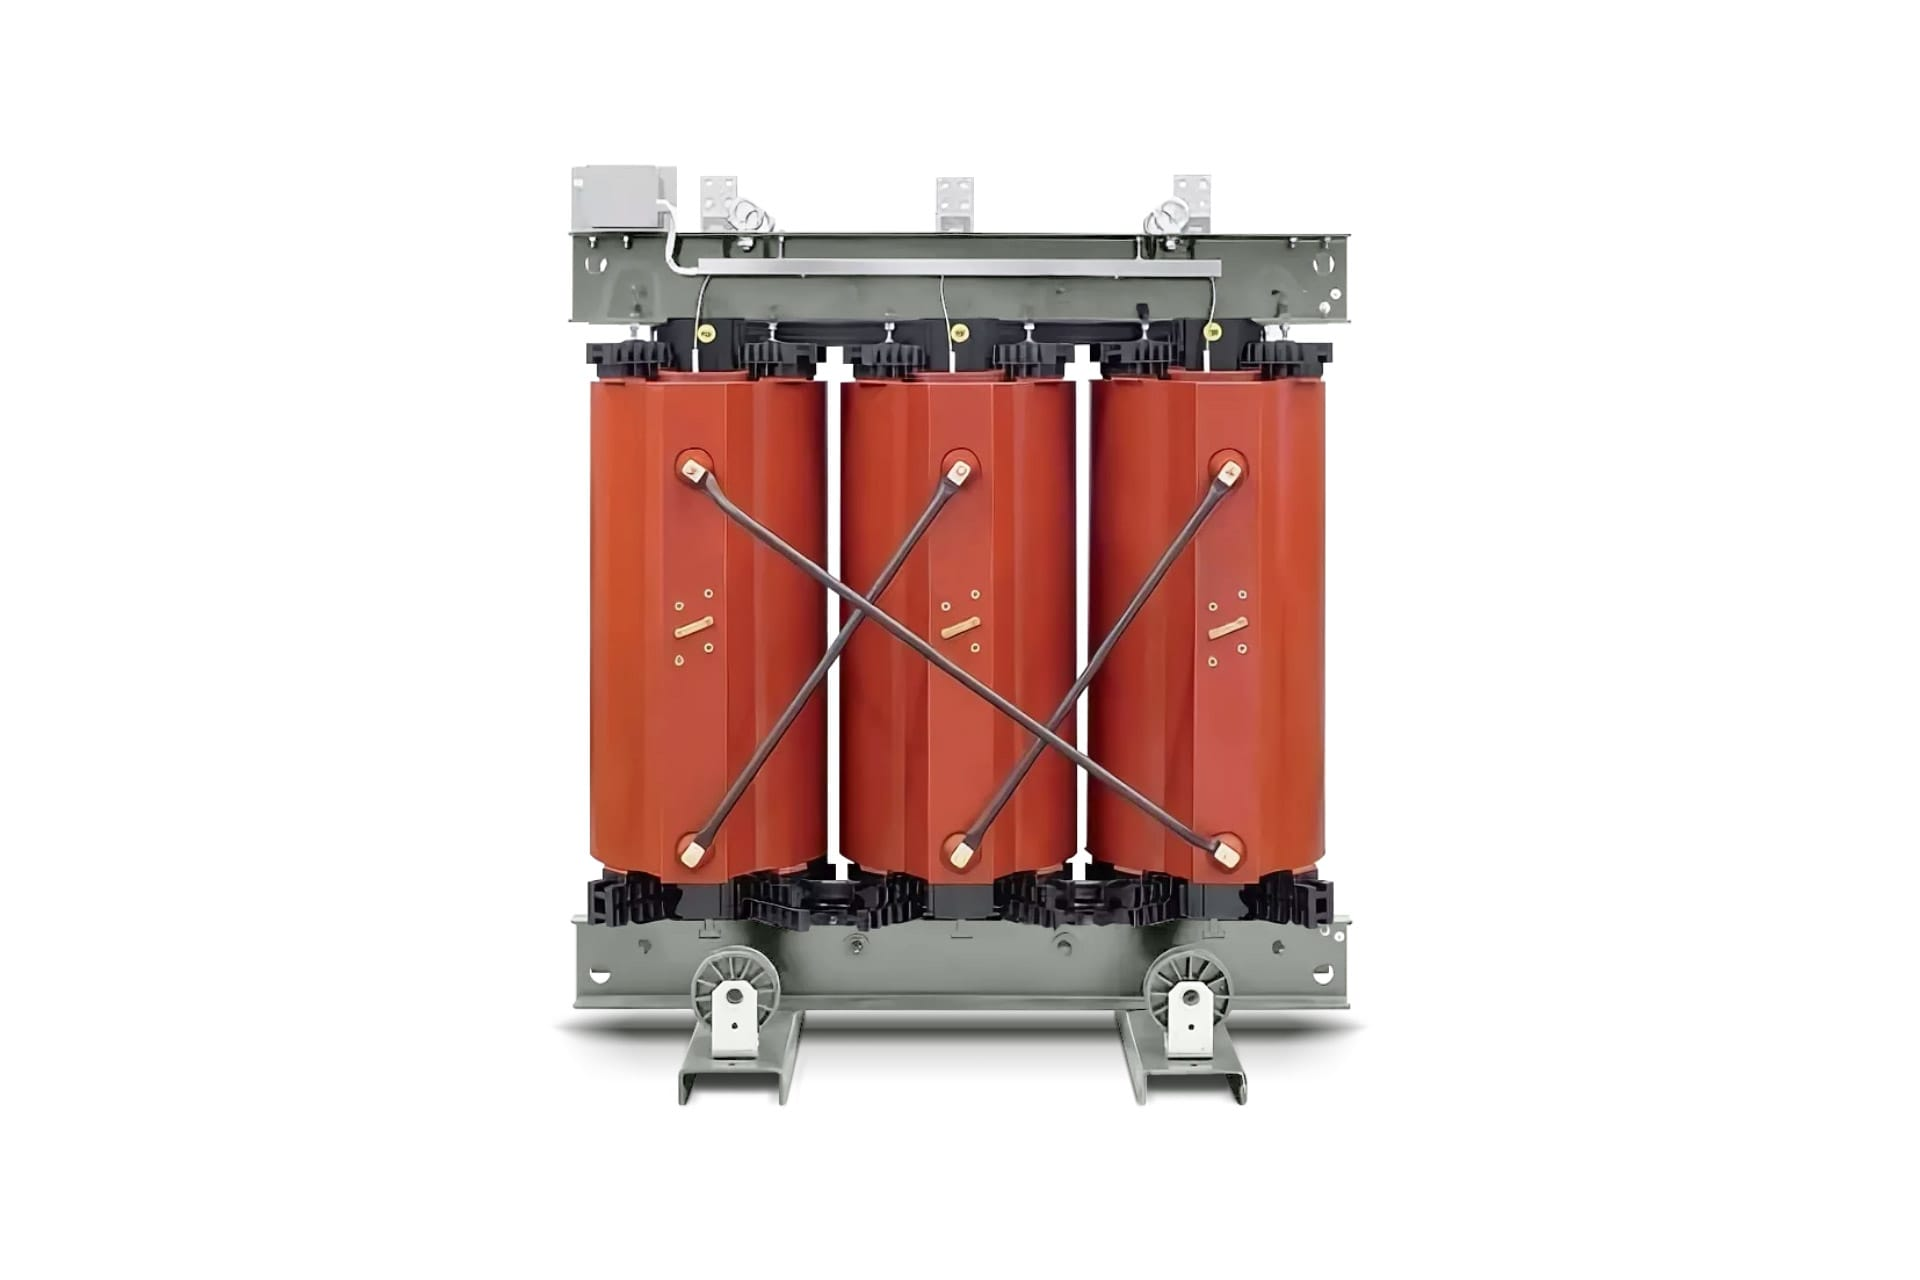 Ensons - Сухой трансформатор ТЛС 6(10) кВ (без кожуха)